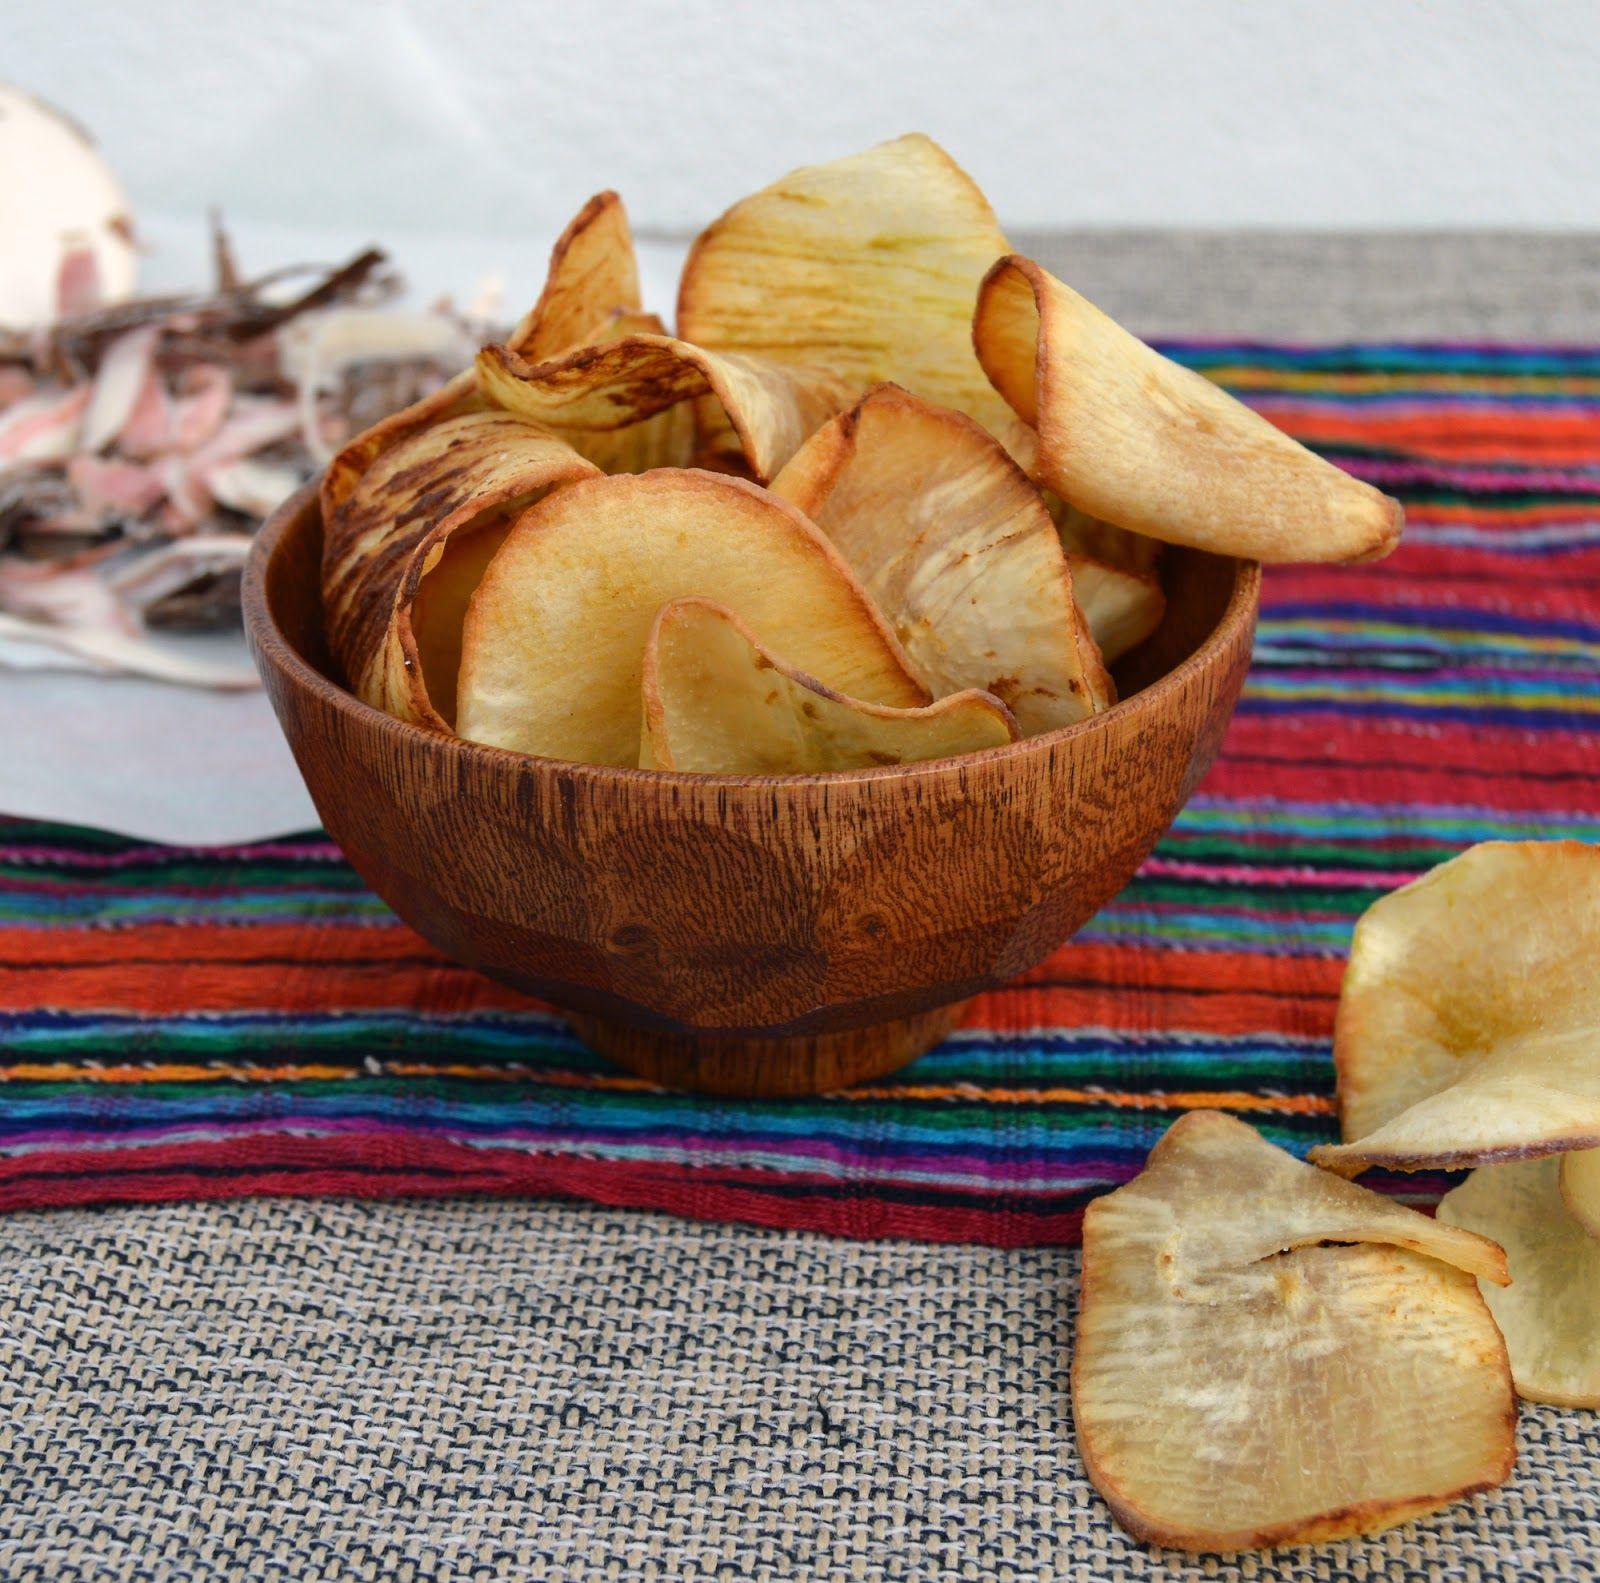 http://toestabueno.blogspot.com.es/2014/05/chips-de-yuca-y-wasabi.html